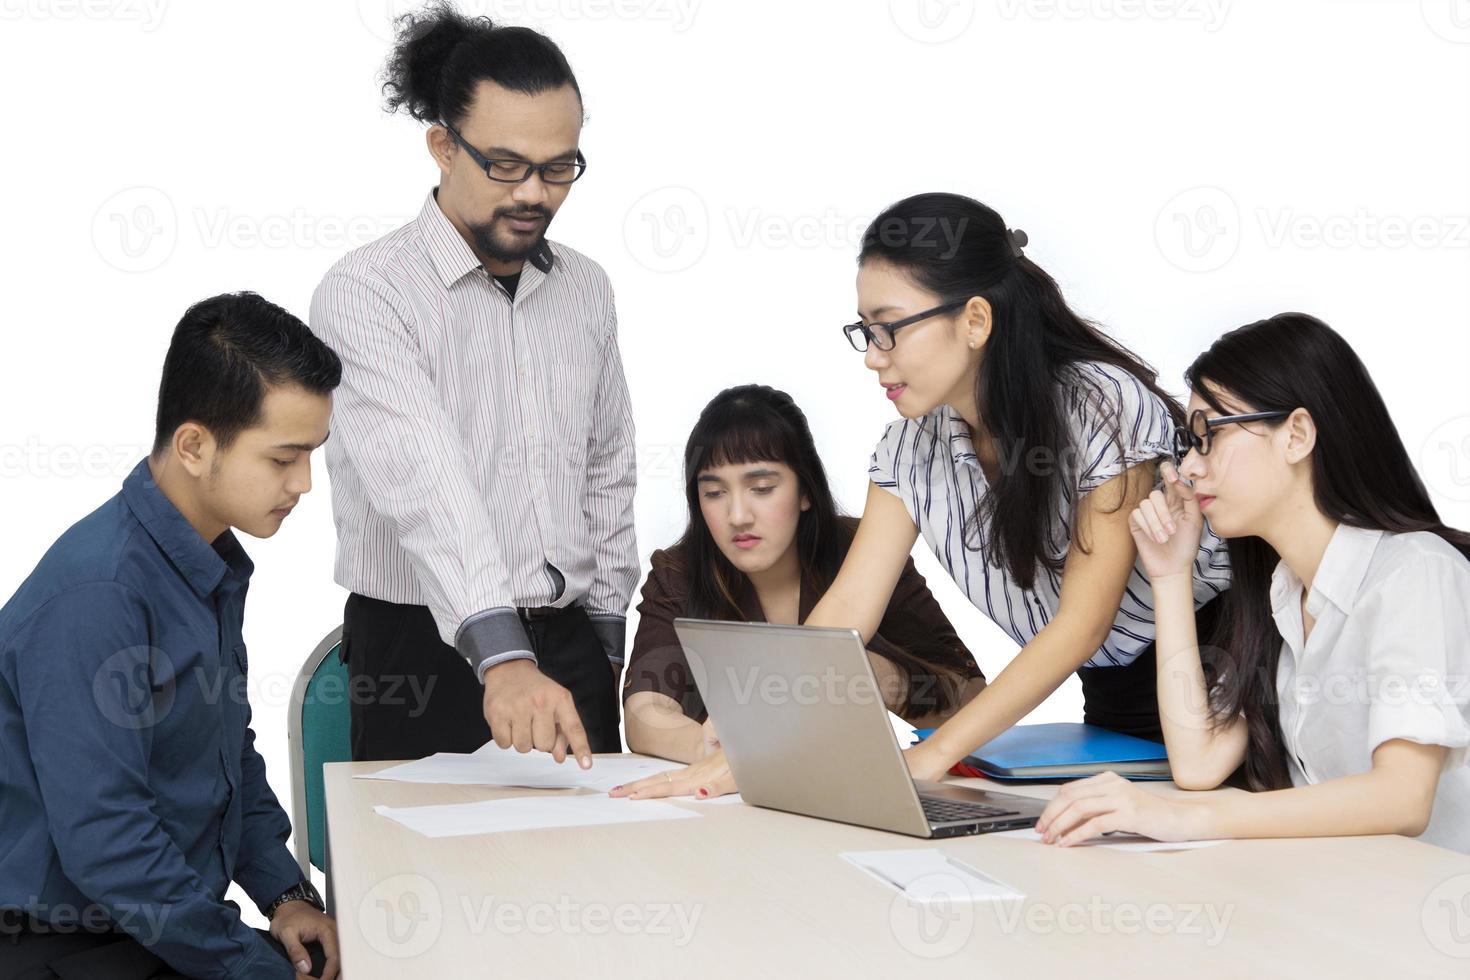 equipe de negócios jovem discutindo no estúdio foto